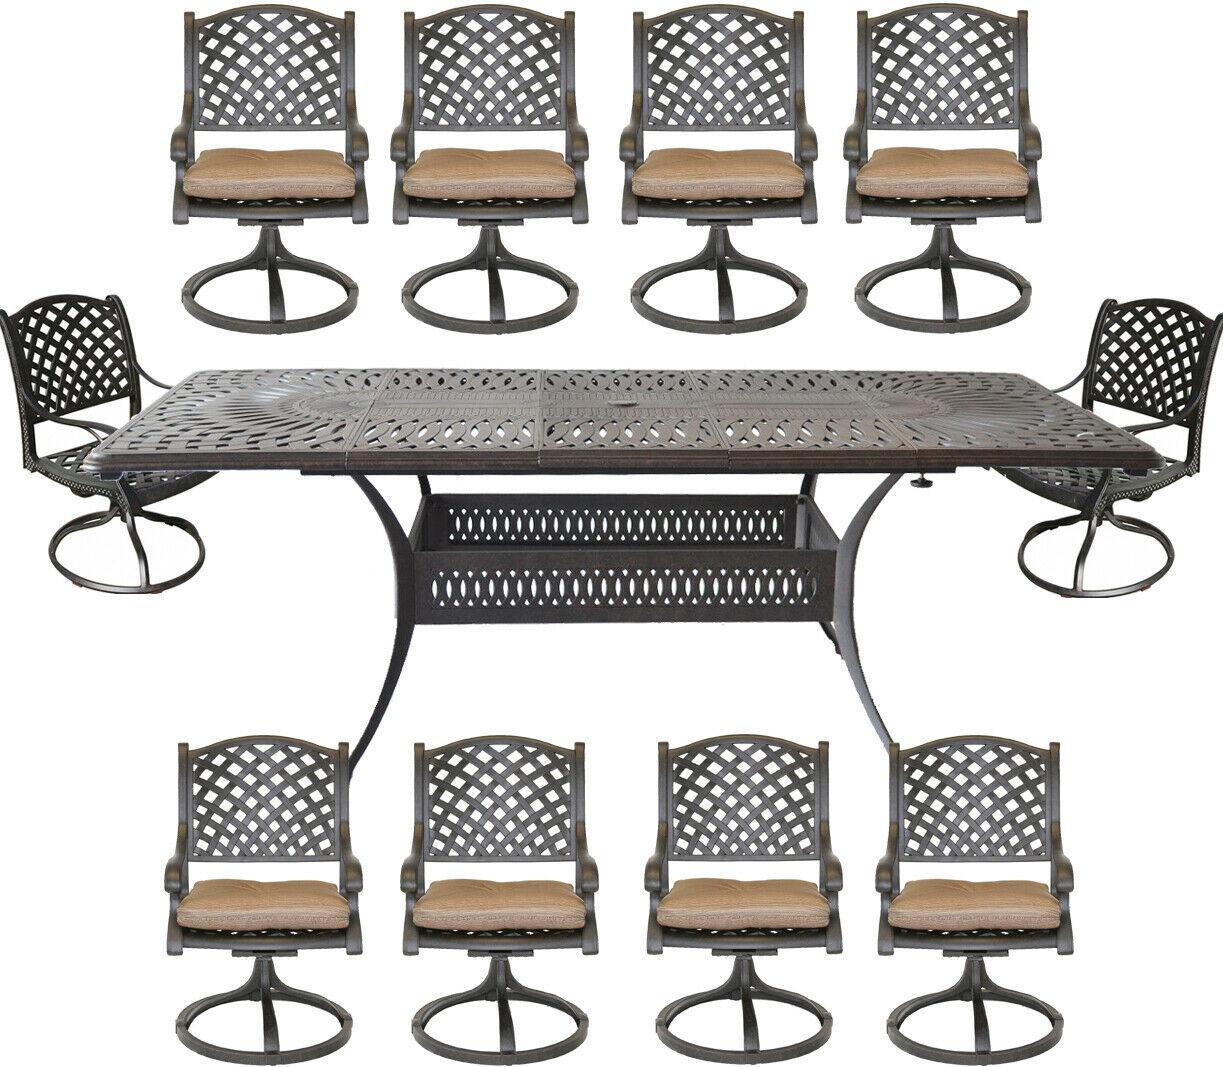 Nassau 11 piece cast aluminum dining set Santa Clara rectangular extendable tabl